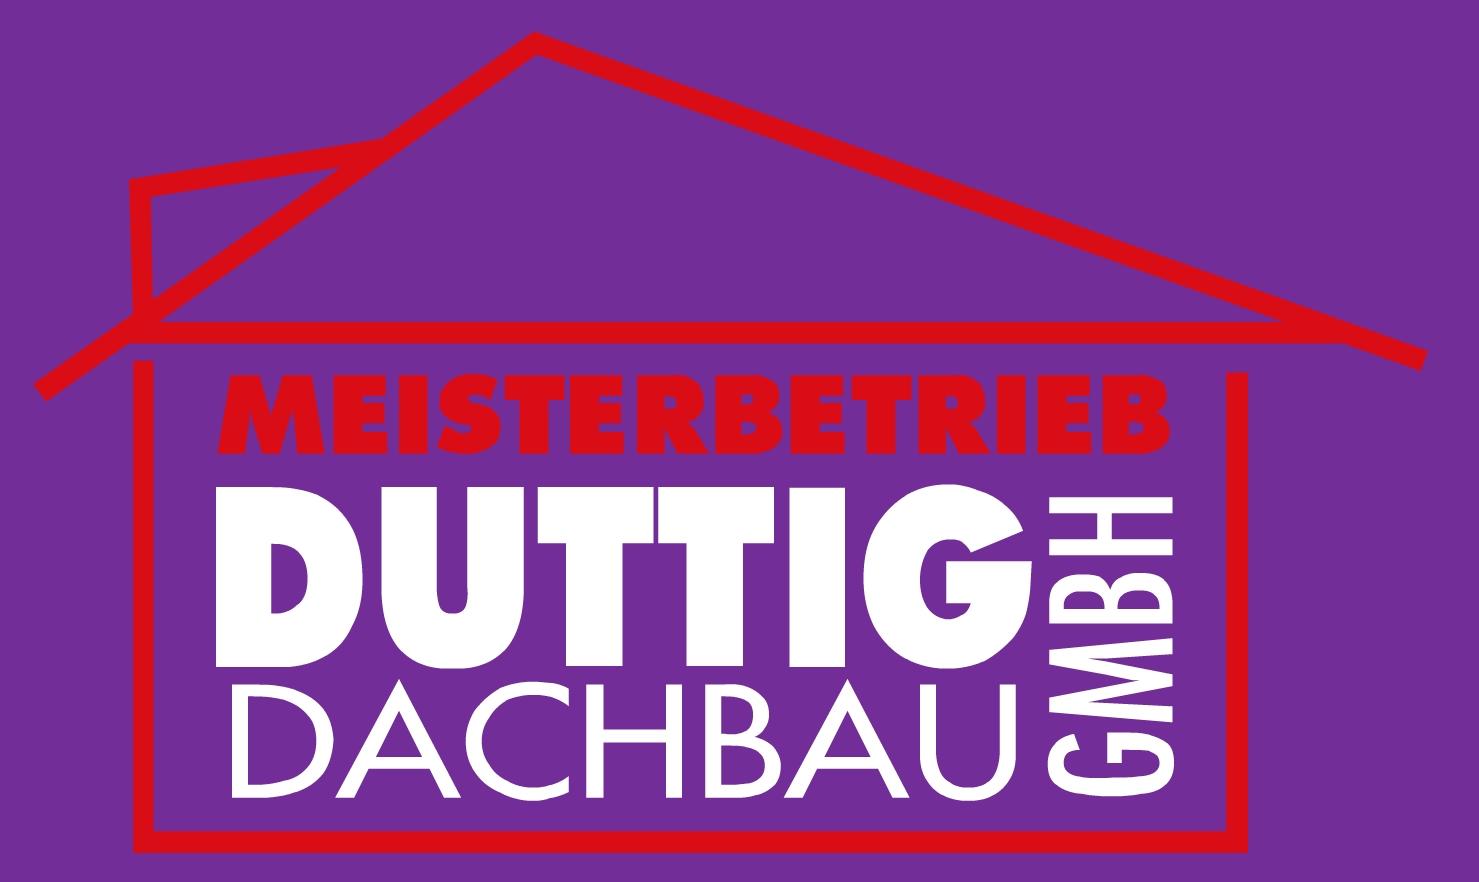 Duttig Dachbau GmbH